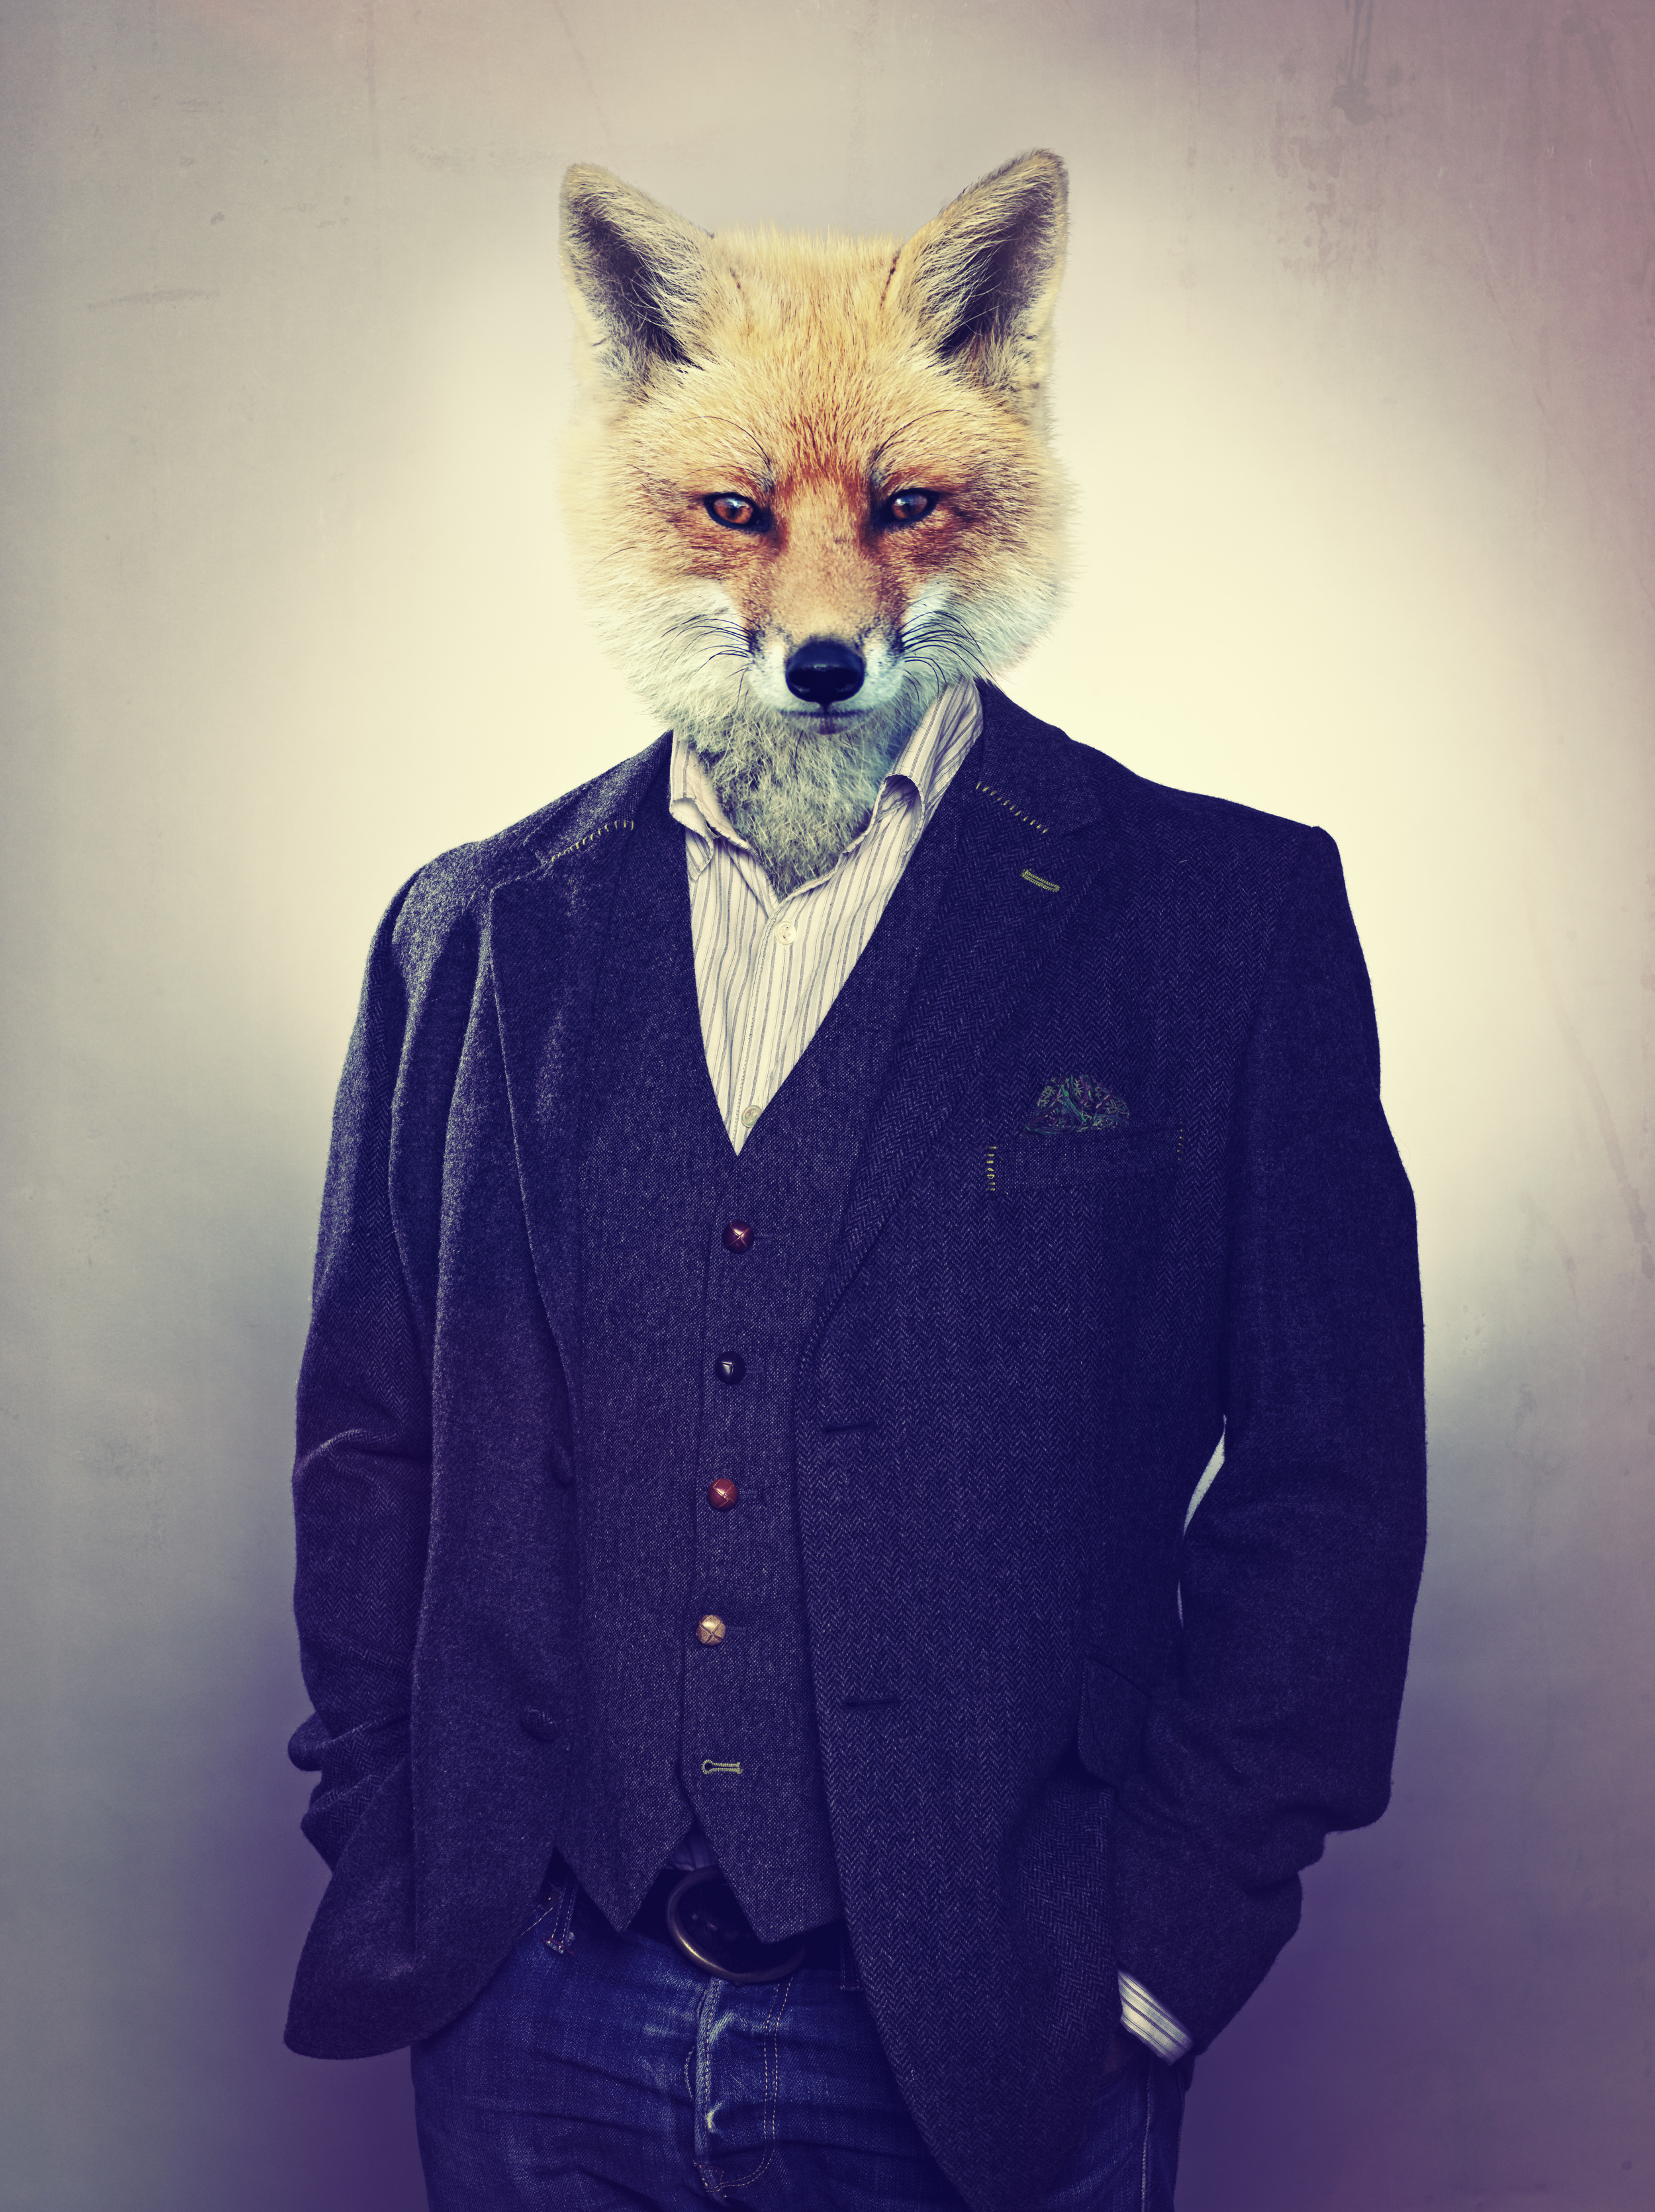 FOX_ANIMAL_HEAD.jpg